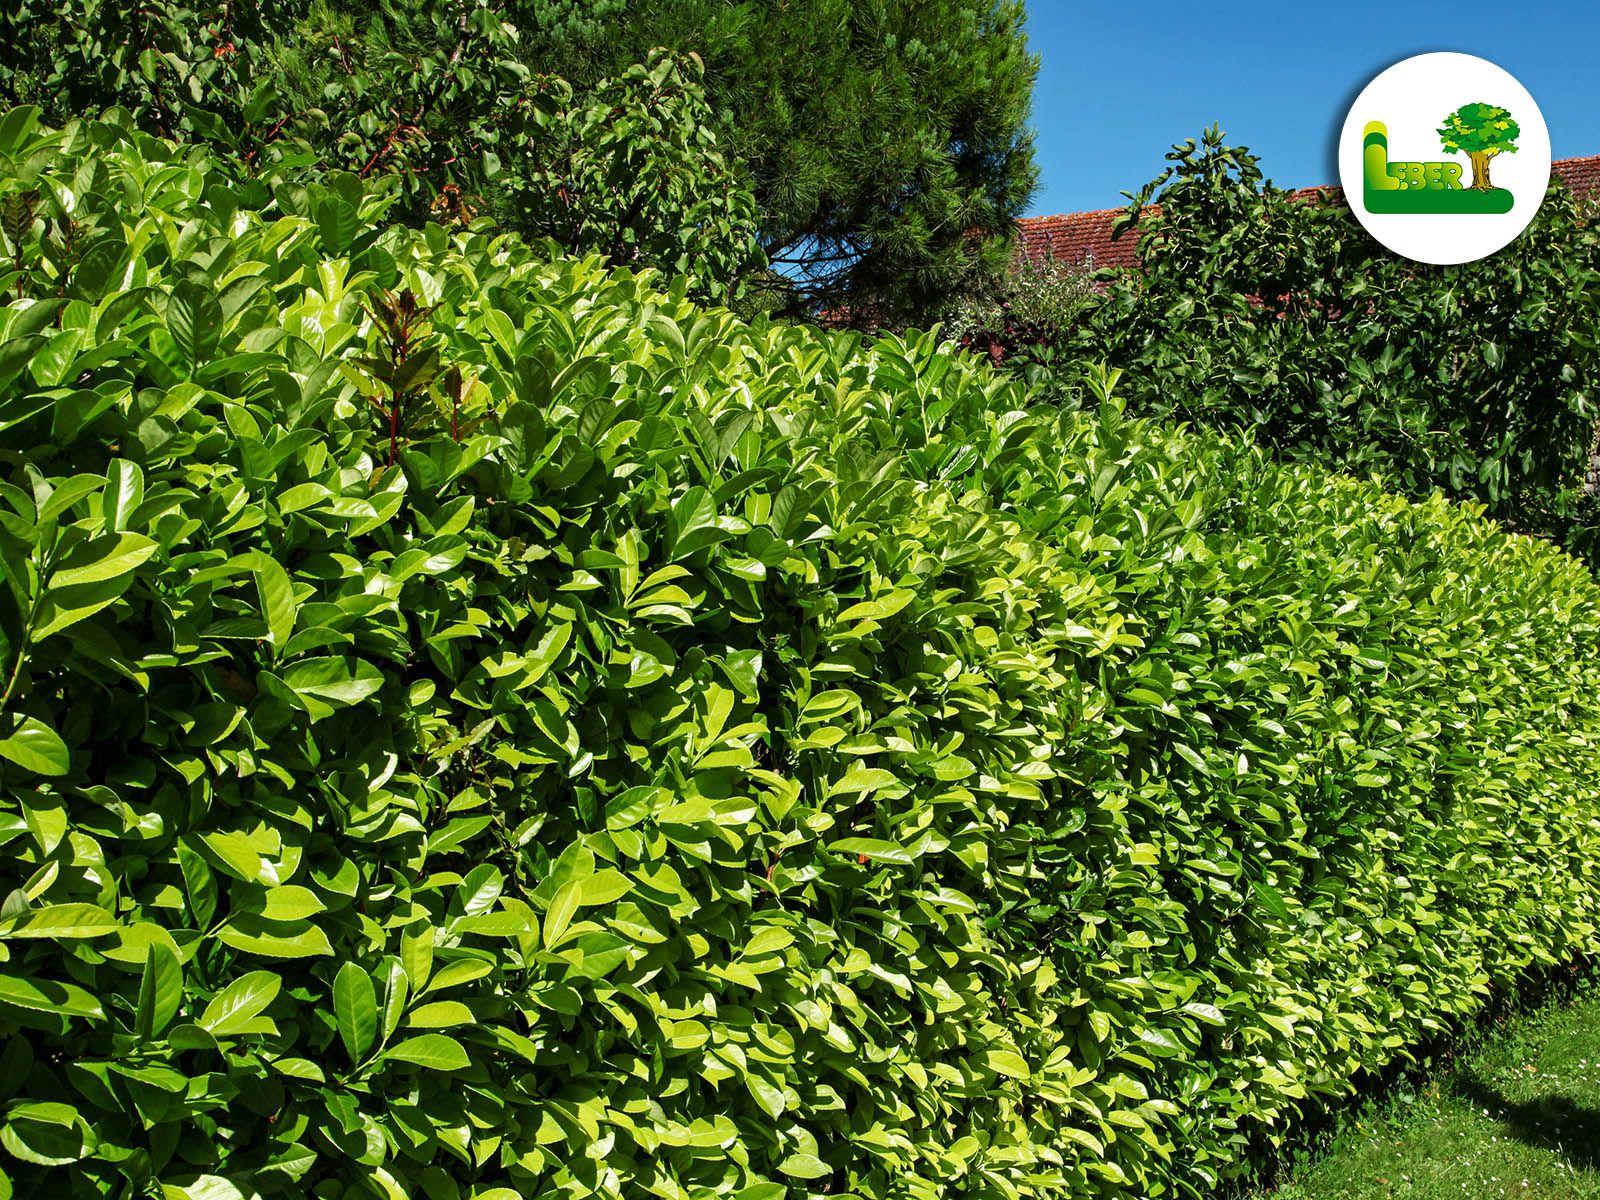 Kirschlorbeer Hecke Fur Ihr Zuhause Infos Bilder Garten Leber Blog Kirschlorbeer Hecke Kirschlorbeer Hecke Pflanzen